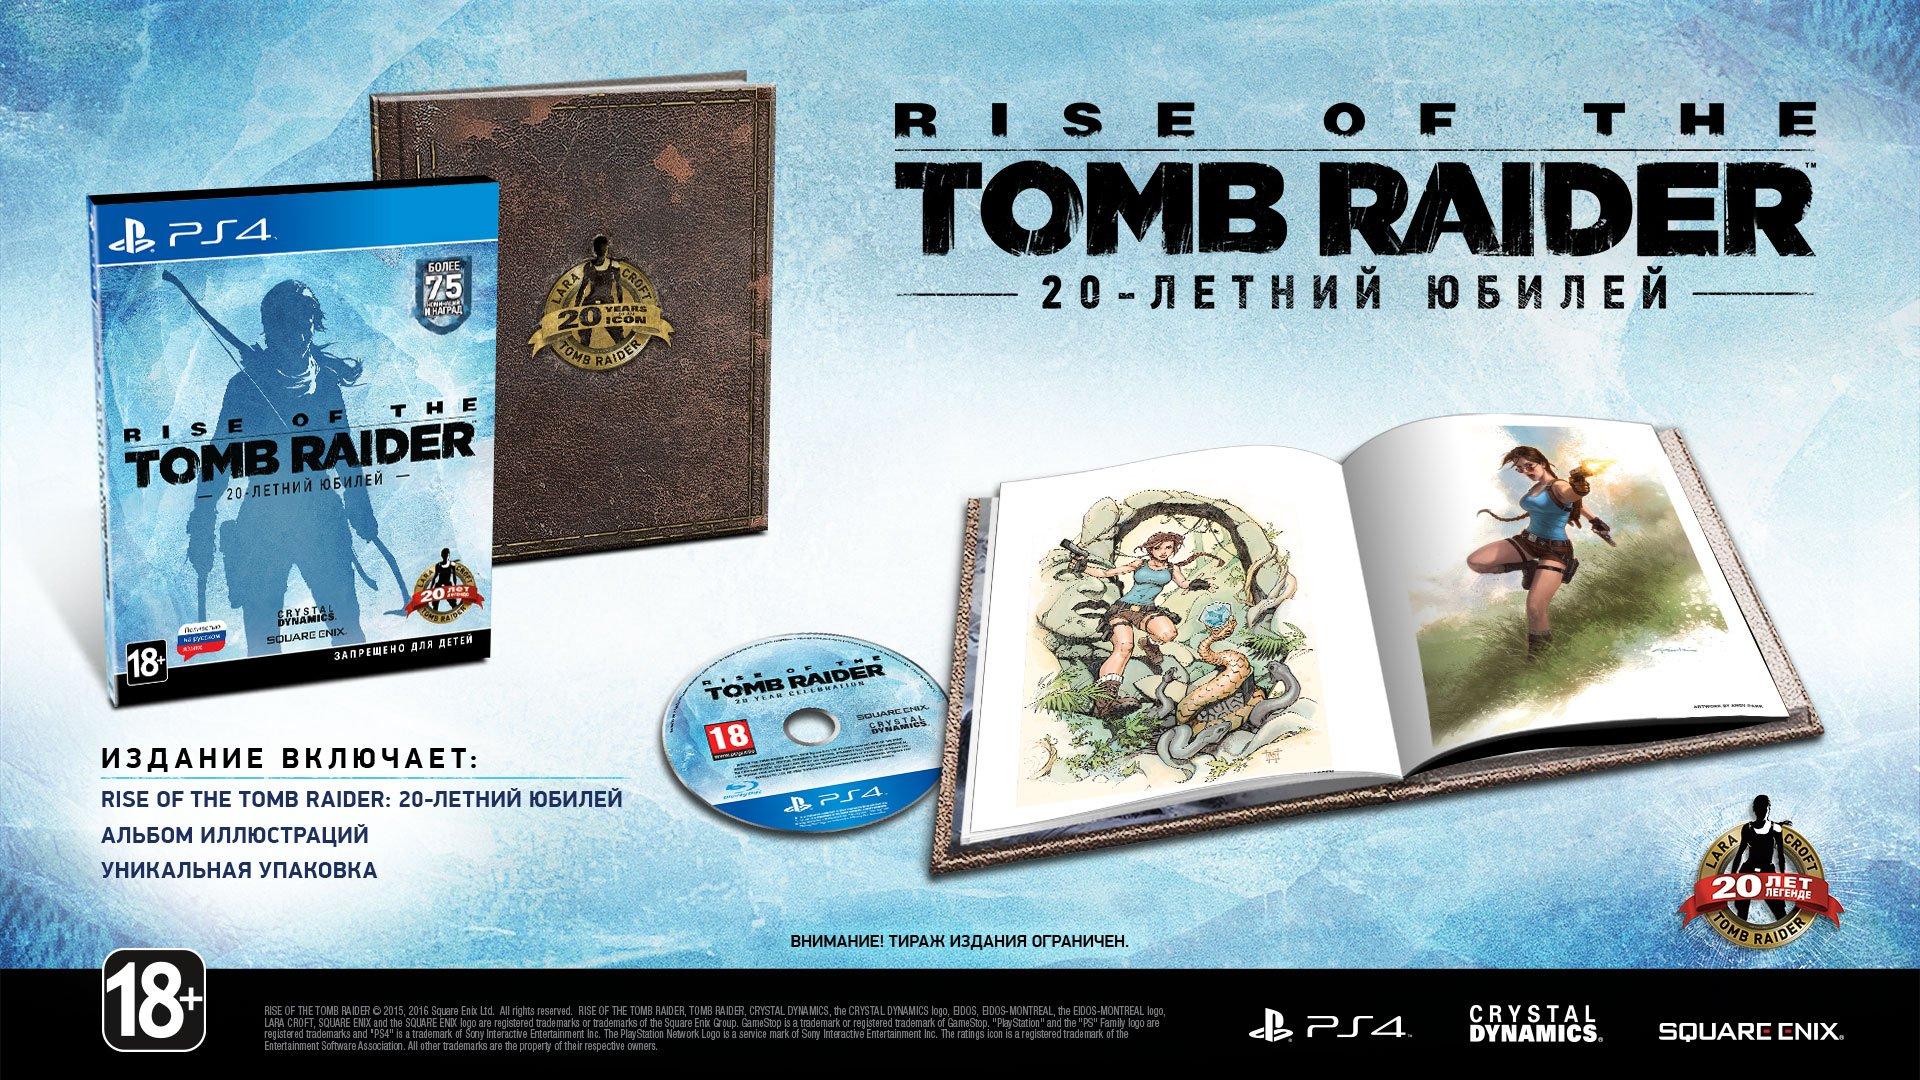 Юбилейное издание Rise of the Tomb Raider для PlayStation 4 появится в продаже 25 октября 2016 года. - Изображение 1